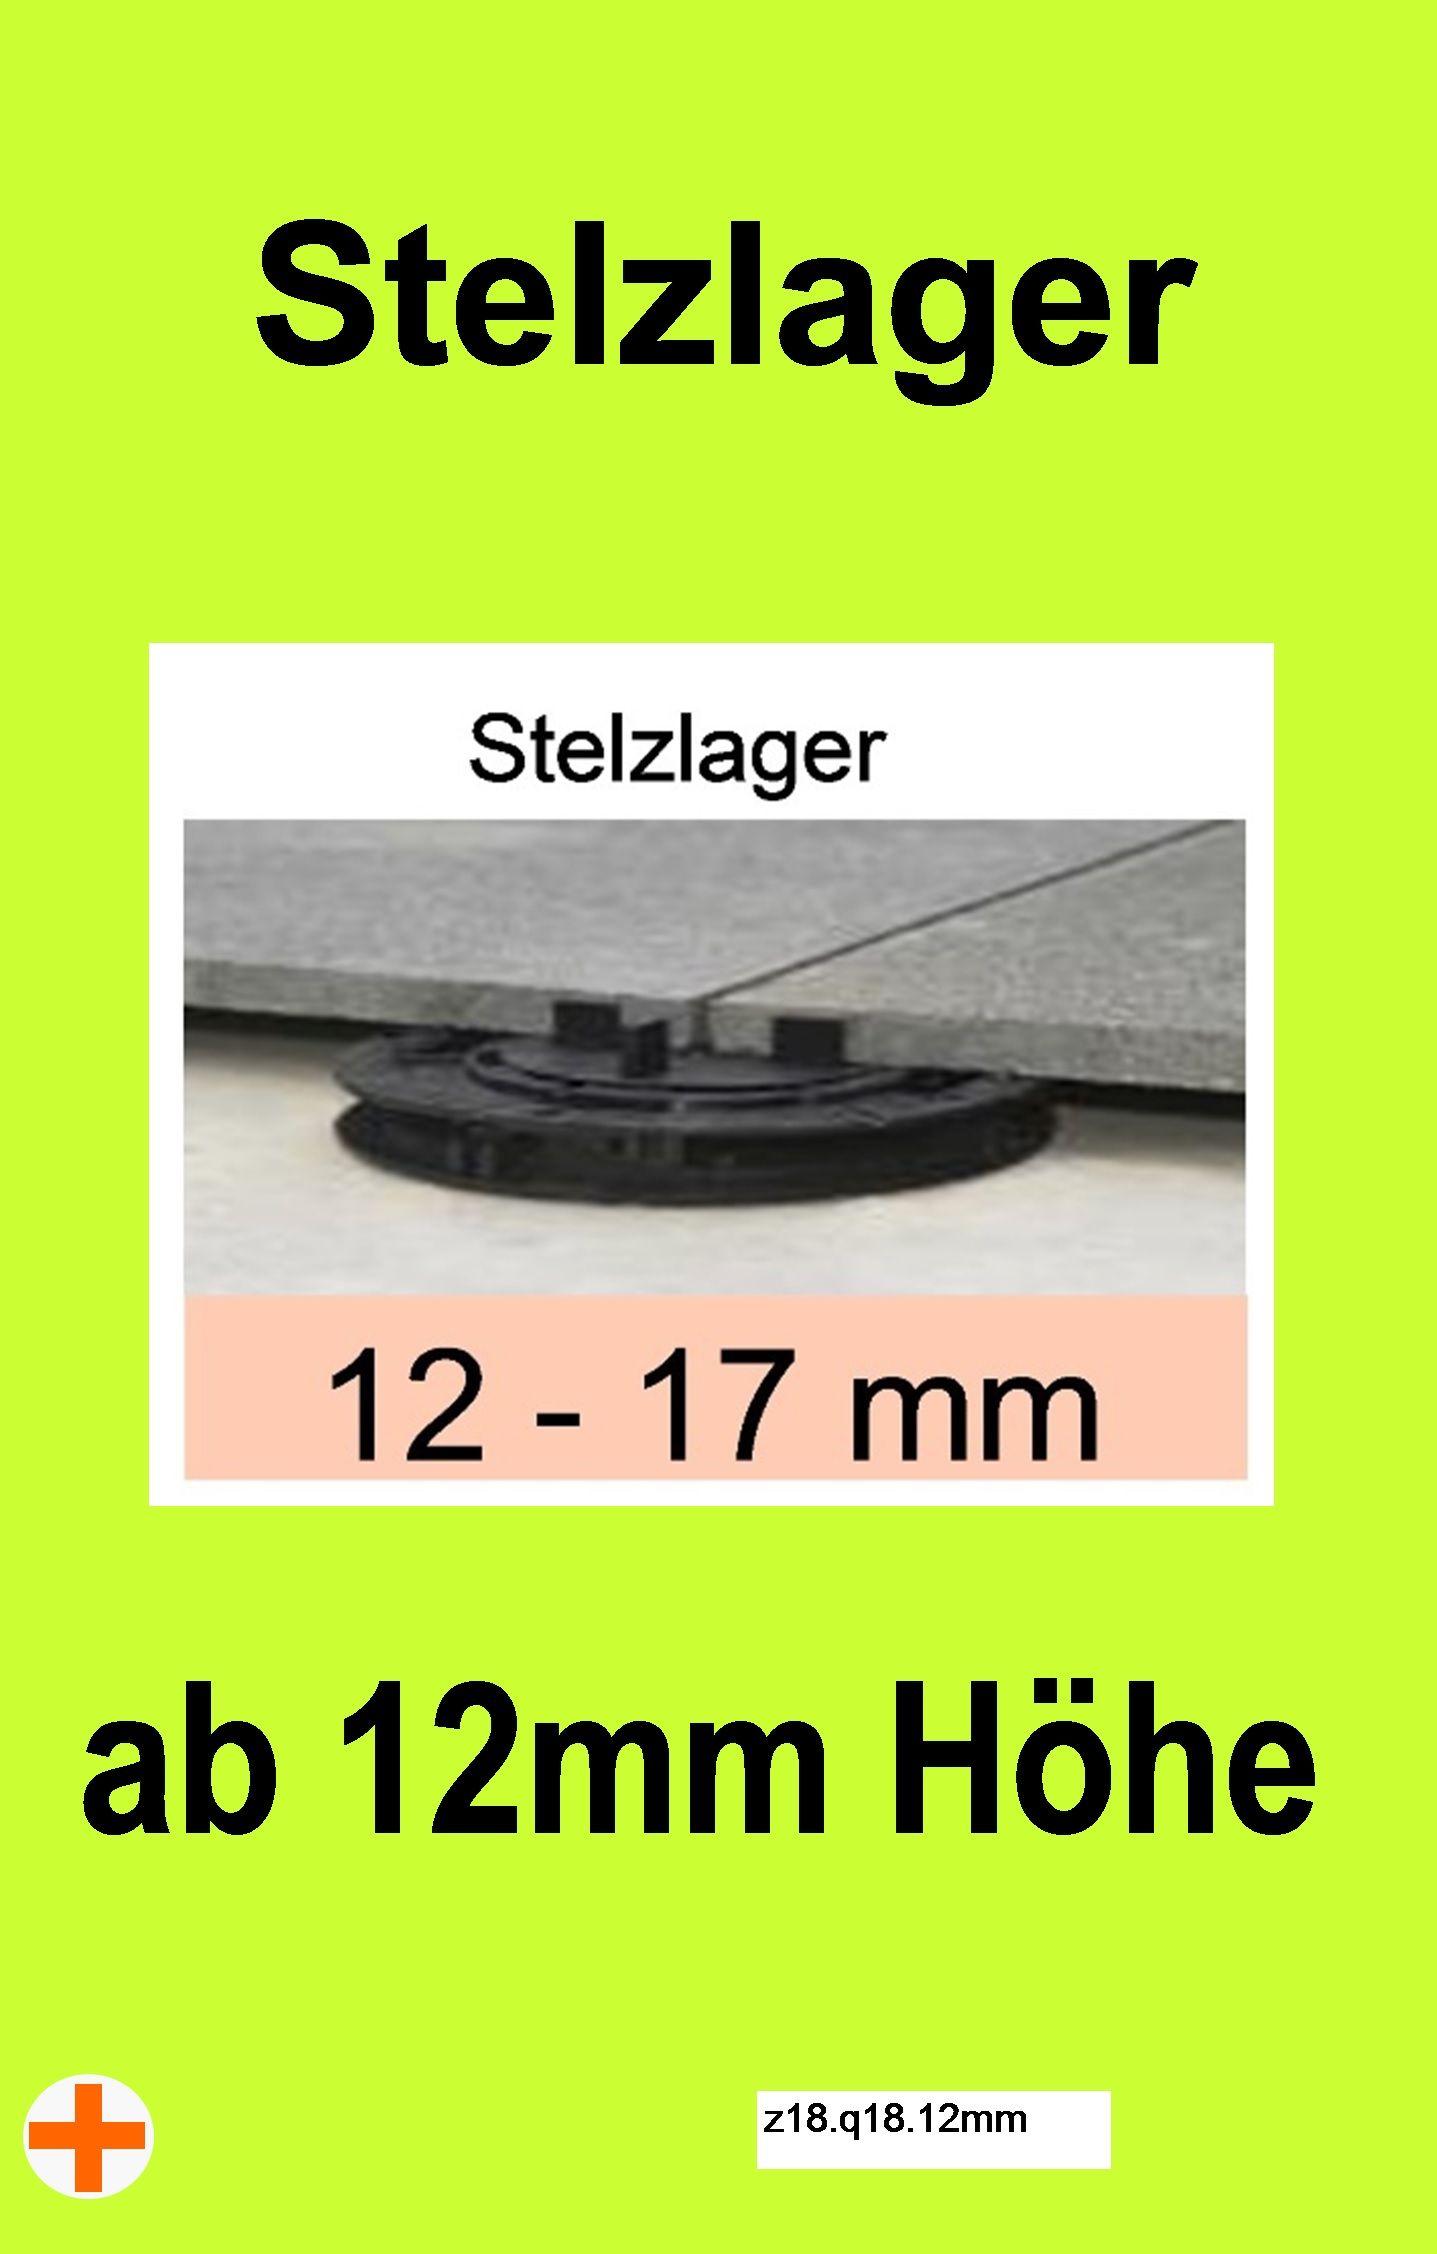 Stelzlager Fur Terrassen Und Balkons Angebote Ab 12mm Hohe Bis 300mm Verlegung Durchmesser 150mm Stelzenlage Stelzlager Terrassen Platten Stelzen